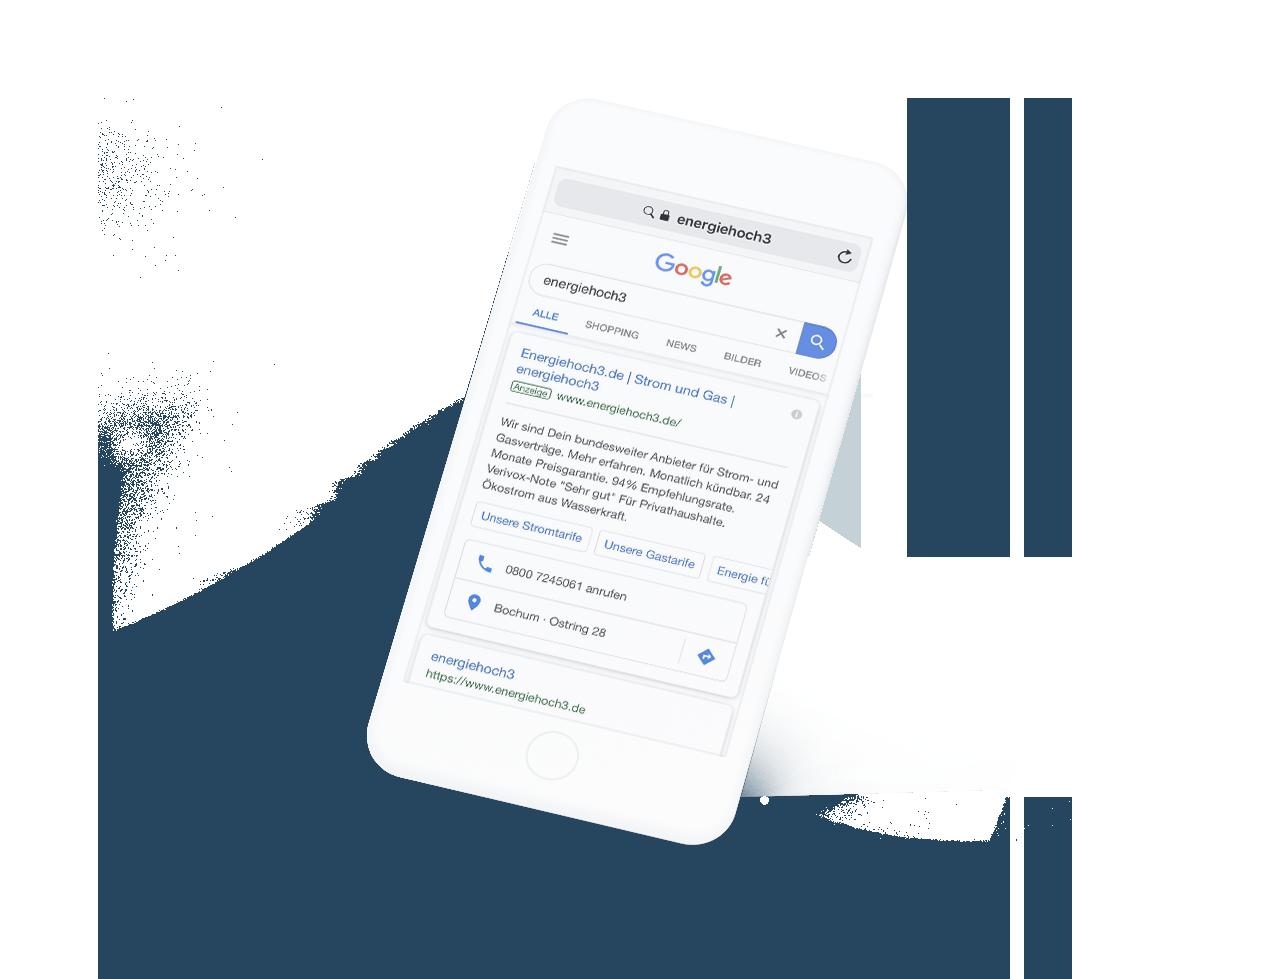 Google Suchergbnis Ernegiehoch drei auf einem Smartphone